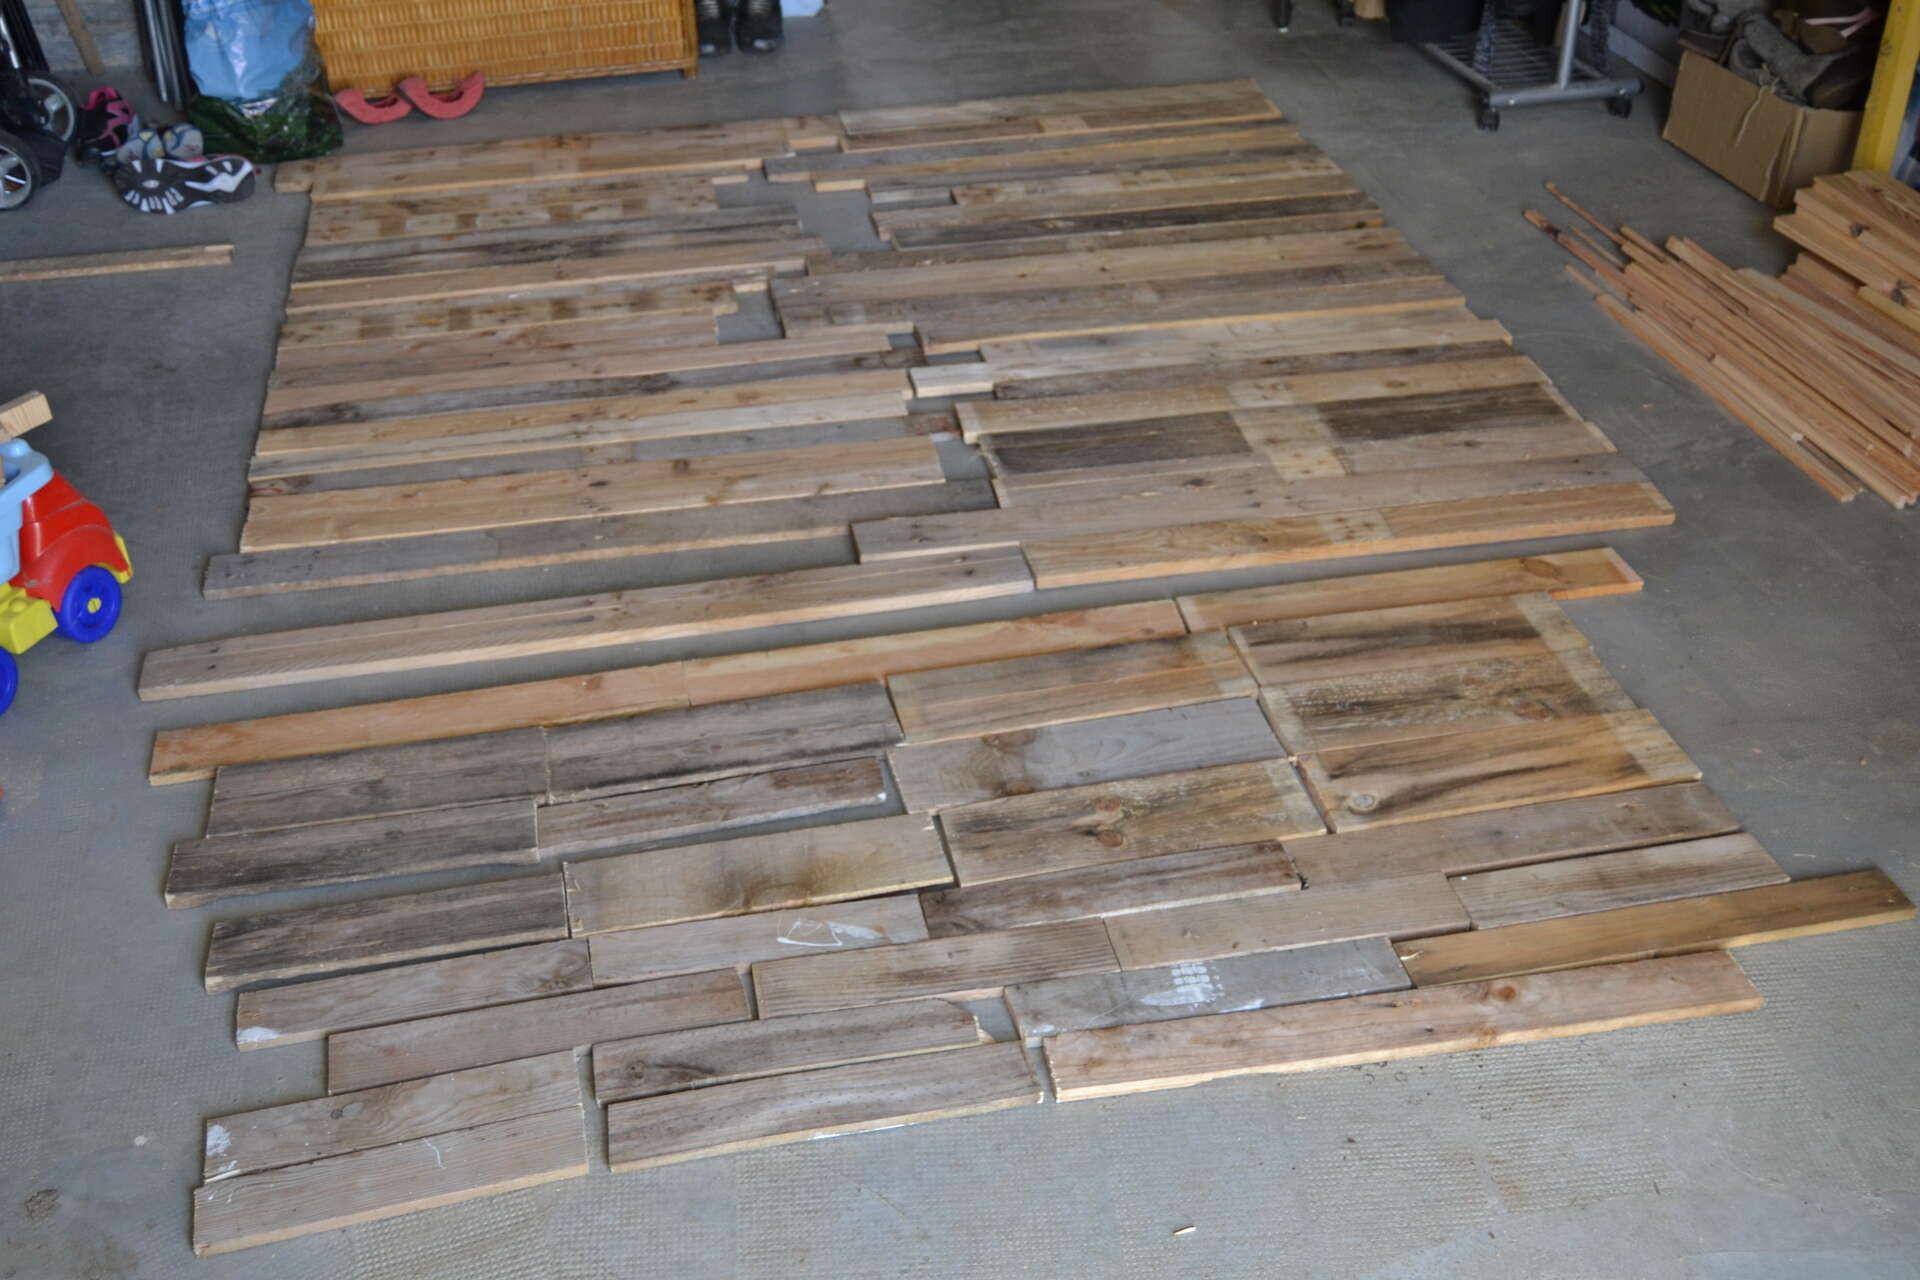 Bois de r cup ration de palettes atelier lacrois e - Recuperation de bois gratuit ...